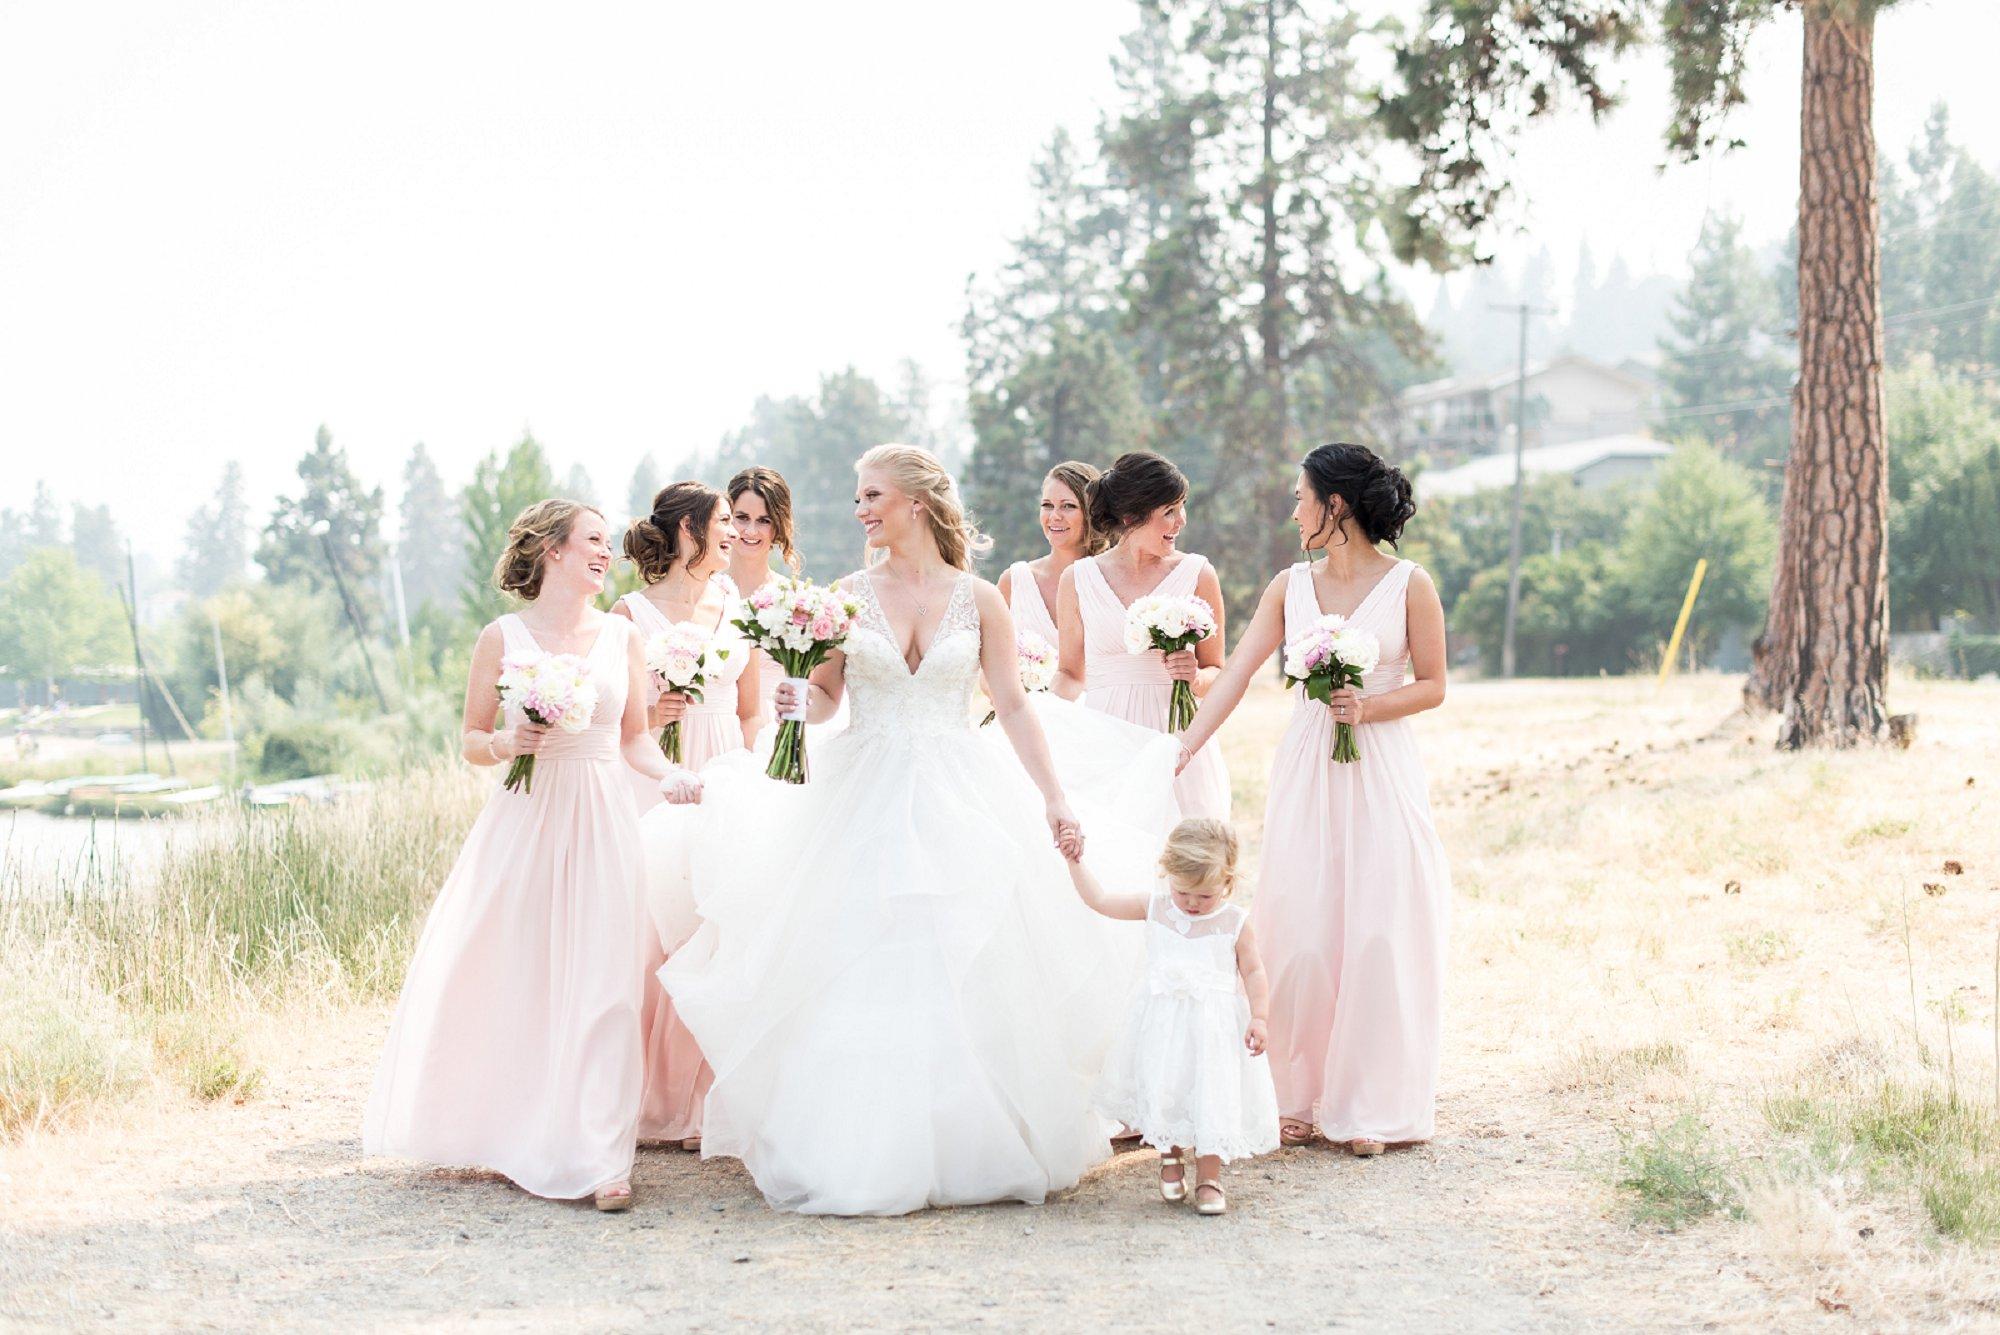 Wedding Vancouver Hayley Rae Photography_022.jpg